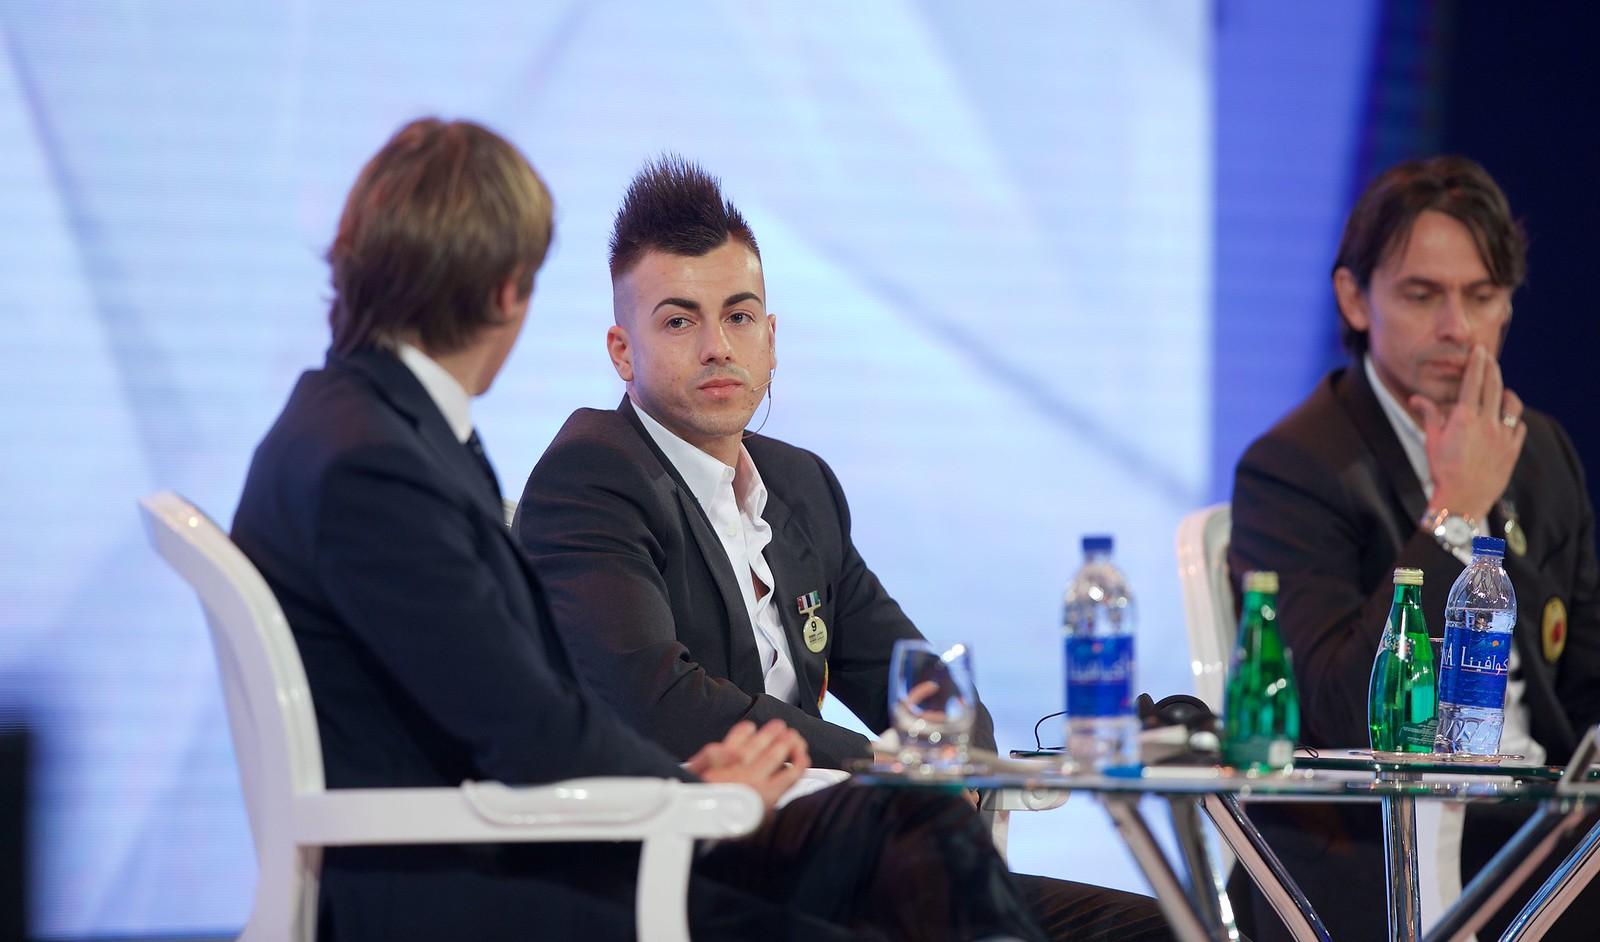 Stephan Kareem El Shaarawy